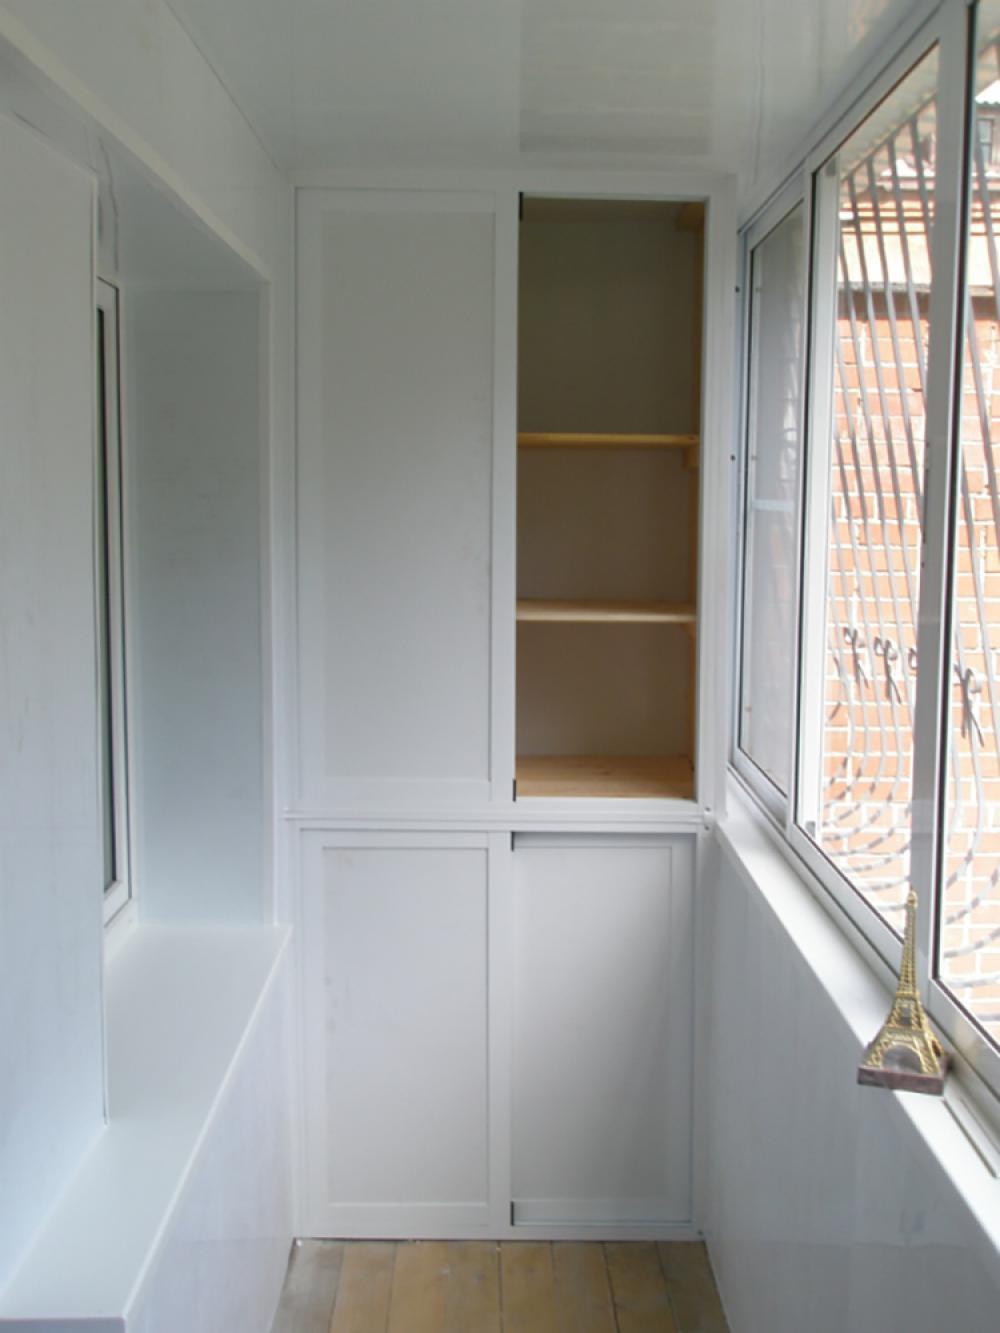 Изготовление шкафов для балконов и лоджий.